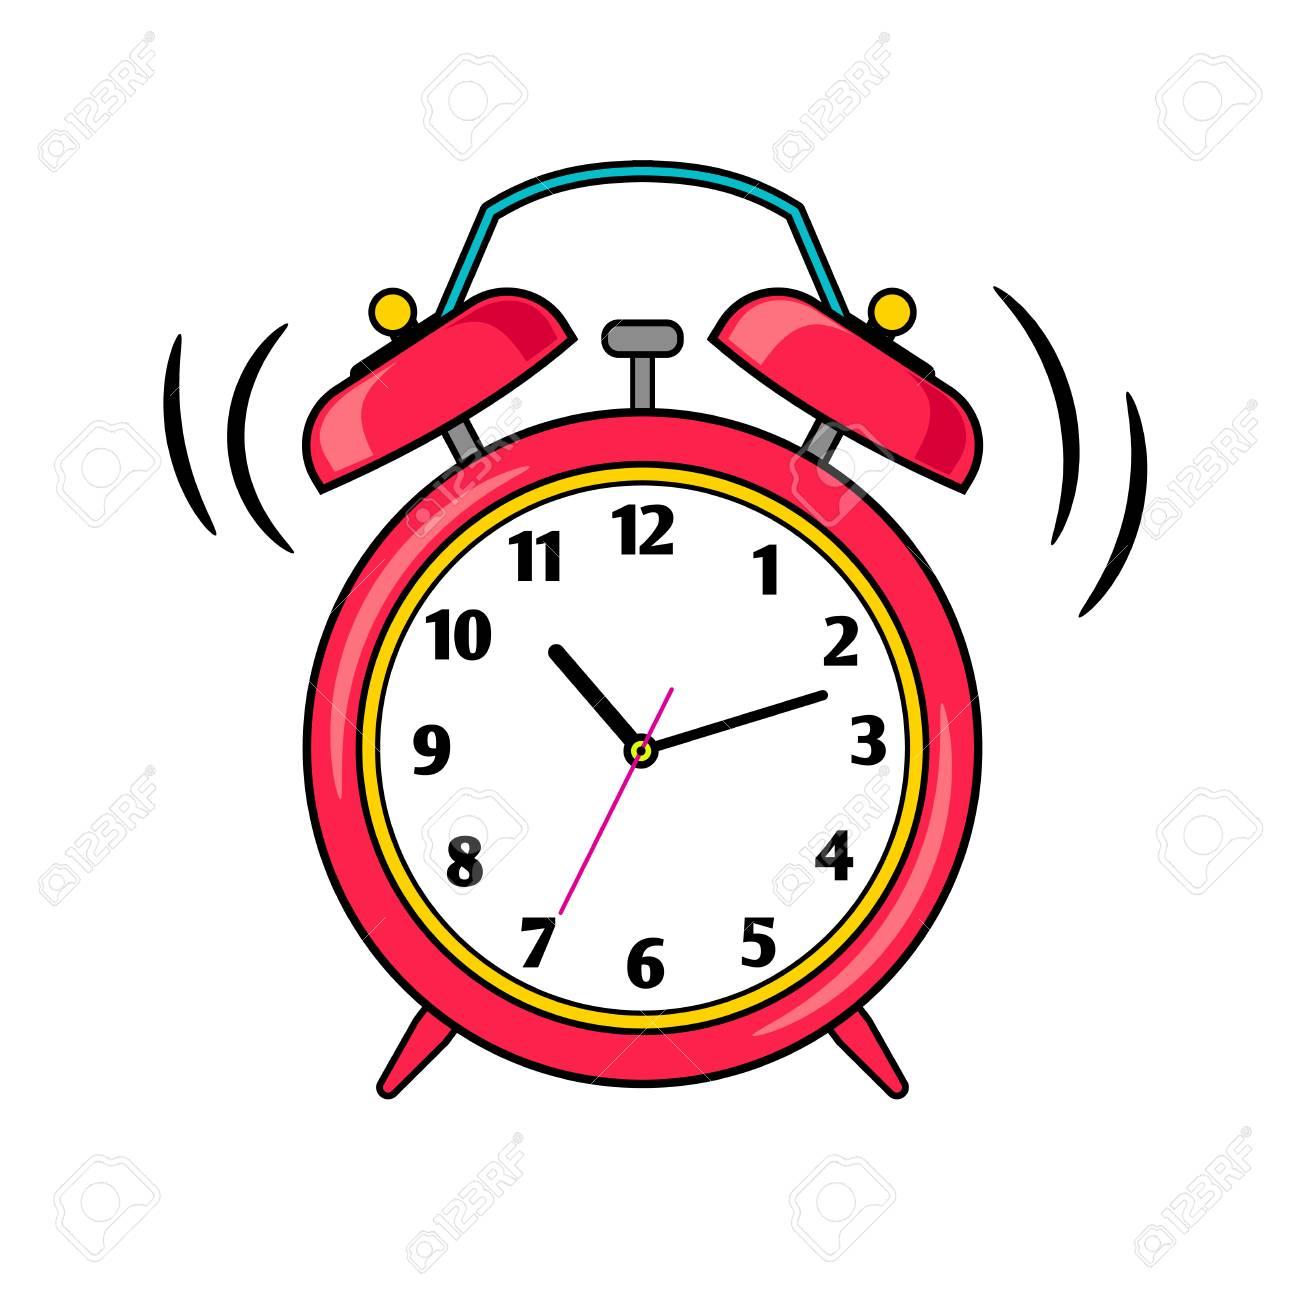 98116224-cartoon-red-ringing-alarm-clock.jpg